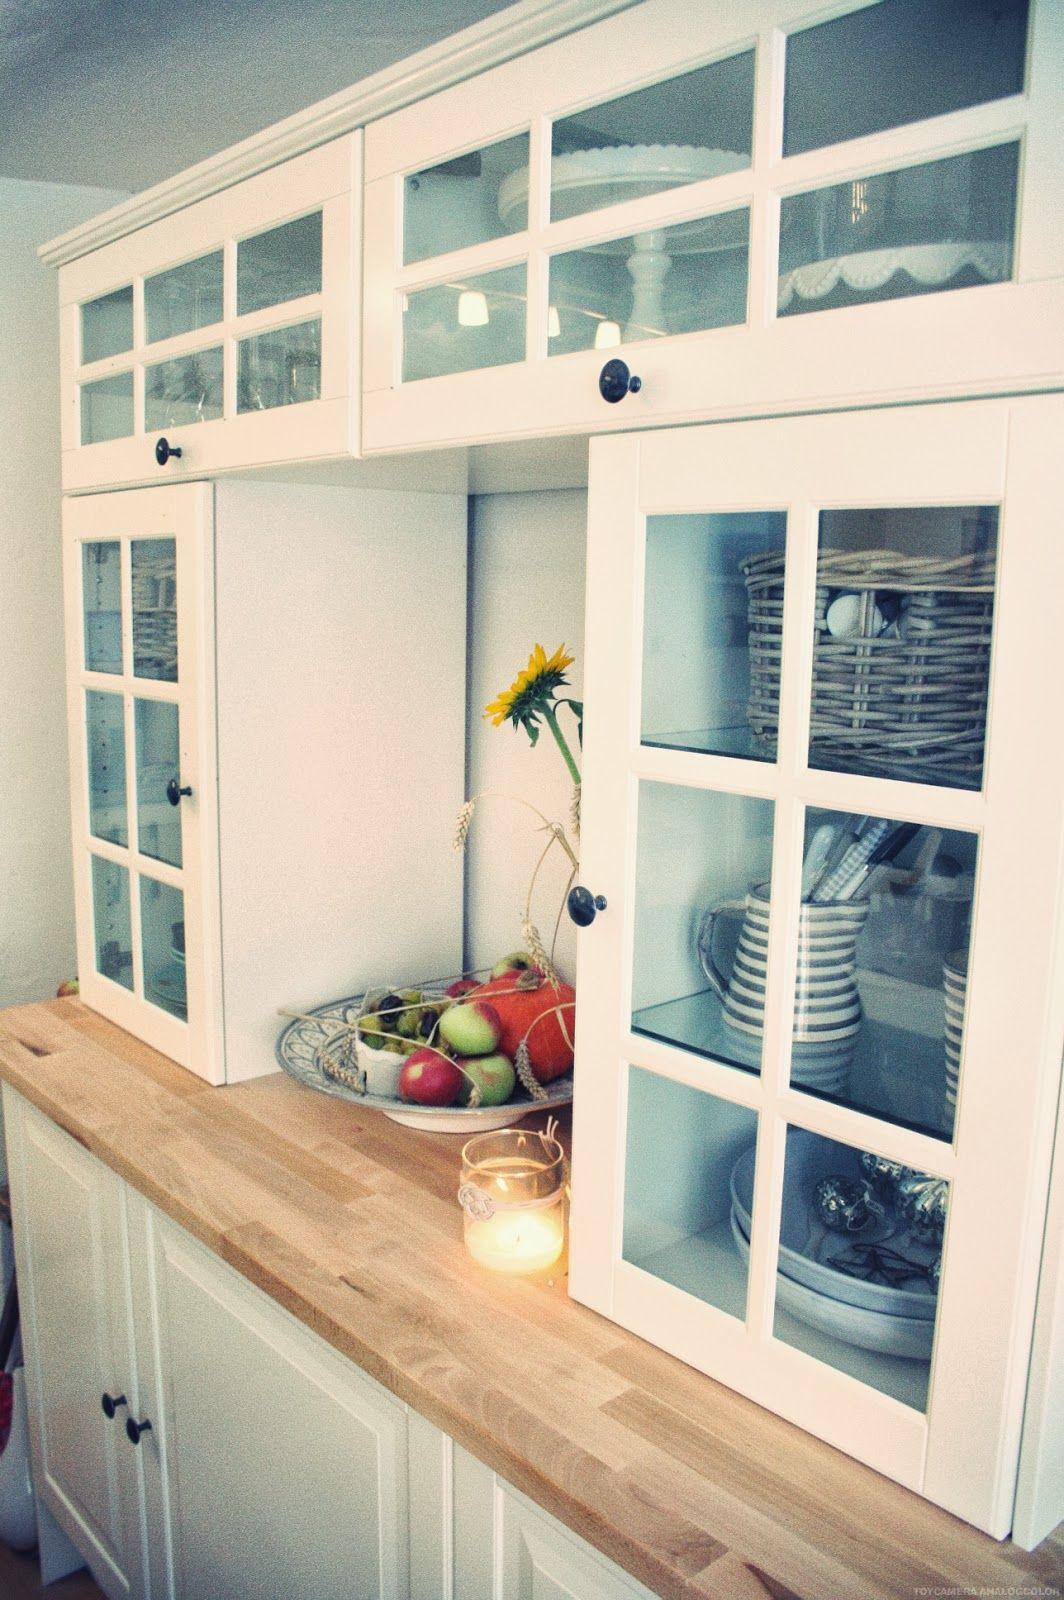 einmal bullerb zum mitnehmen bitte oder k chenbuffet als bausatz gl ckseeligkeit kitchen. Black Bedroom Furniture Sets. Home Design Ideas